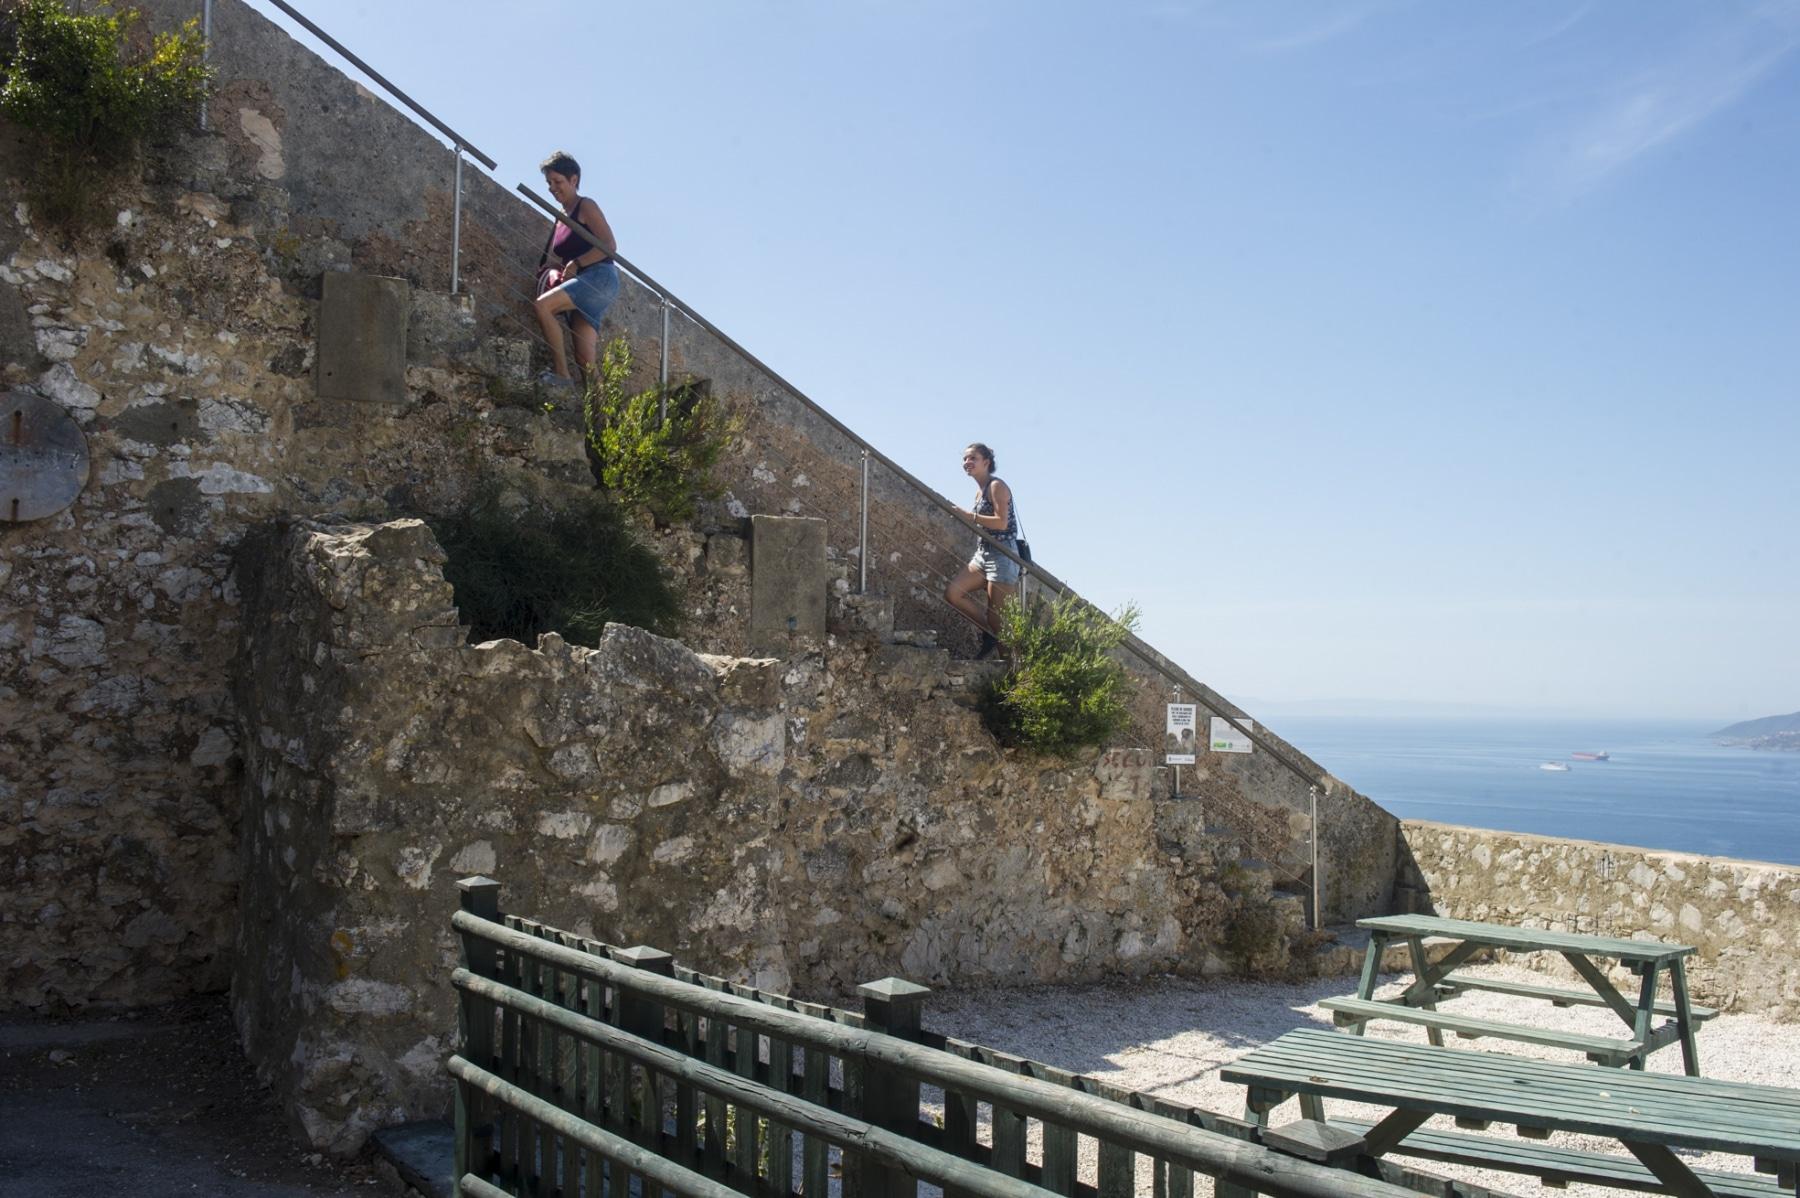 los-escalones-del-mediterrneo-suben-desde-la-ciudad-a-lo-ms-alto-del-pen-de-gibraltar_22118571933_o